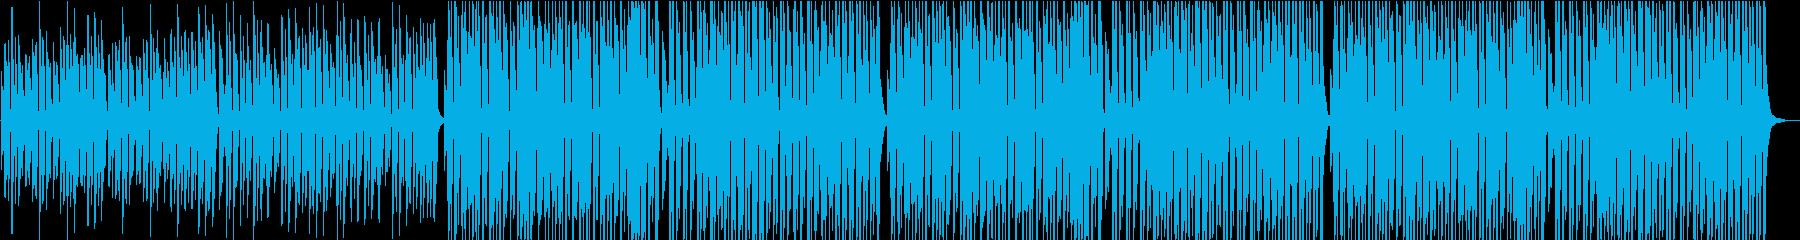 チープで可愛いジングルベルの再生済みの波形